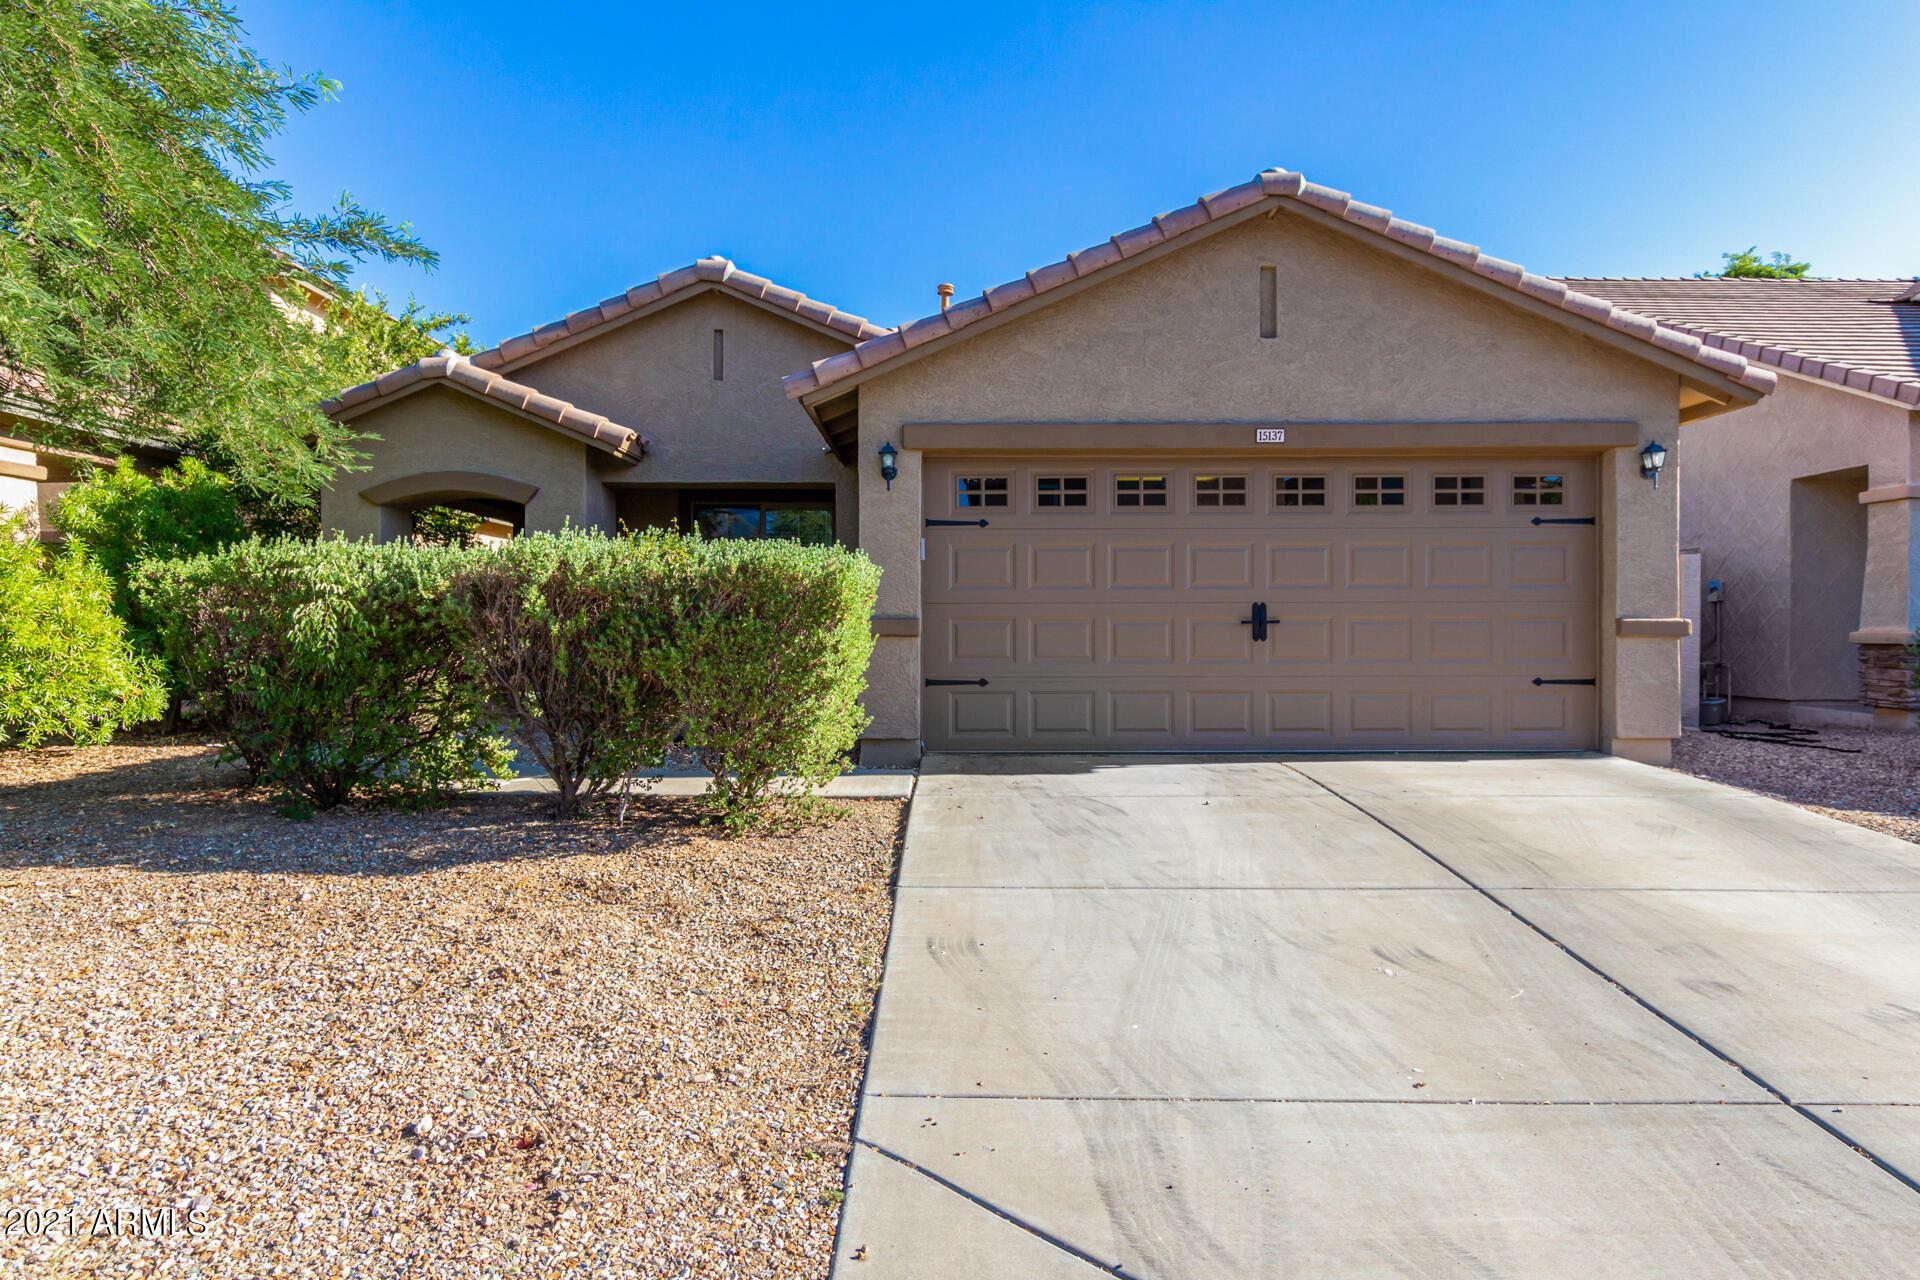 15137 W BOLA Drive, Surprise, AZ 85374 - MLS#: 6297902